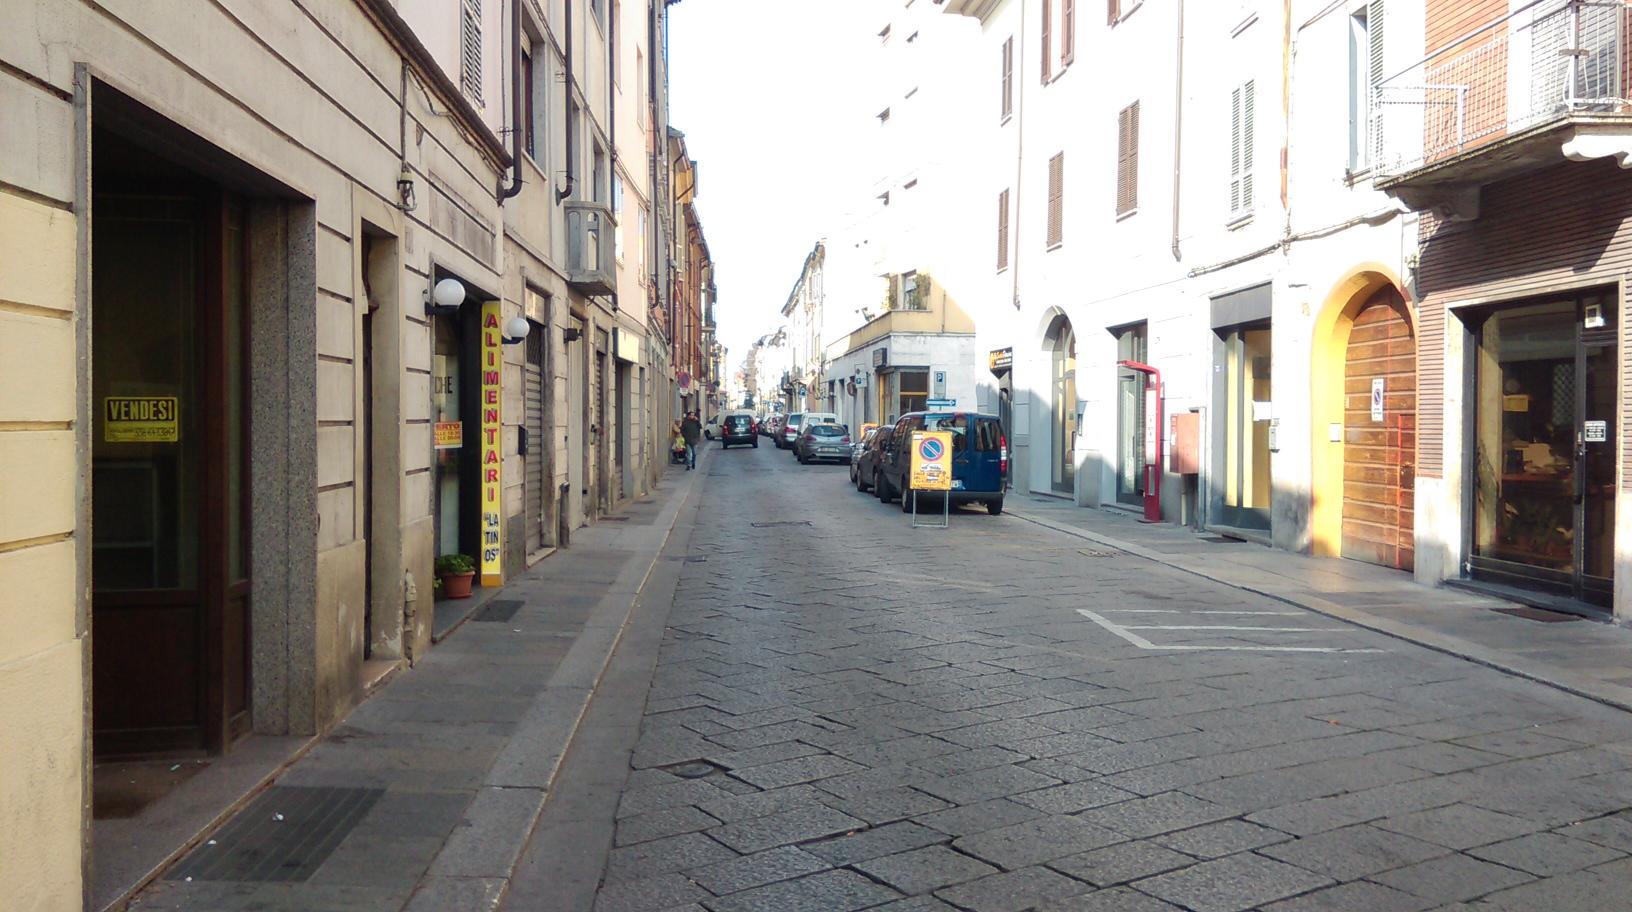 Chiusura dei locali nel quartiere Roma, tre multe dopo i primi controlli